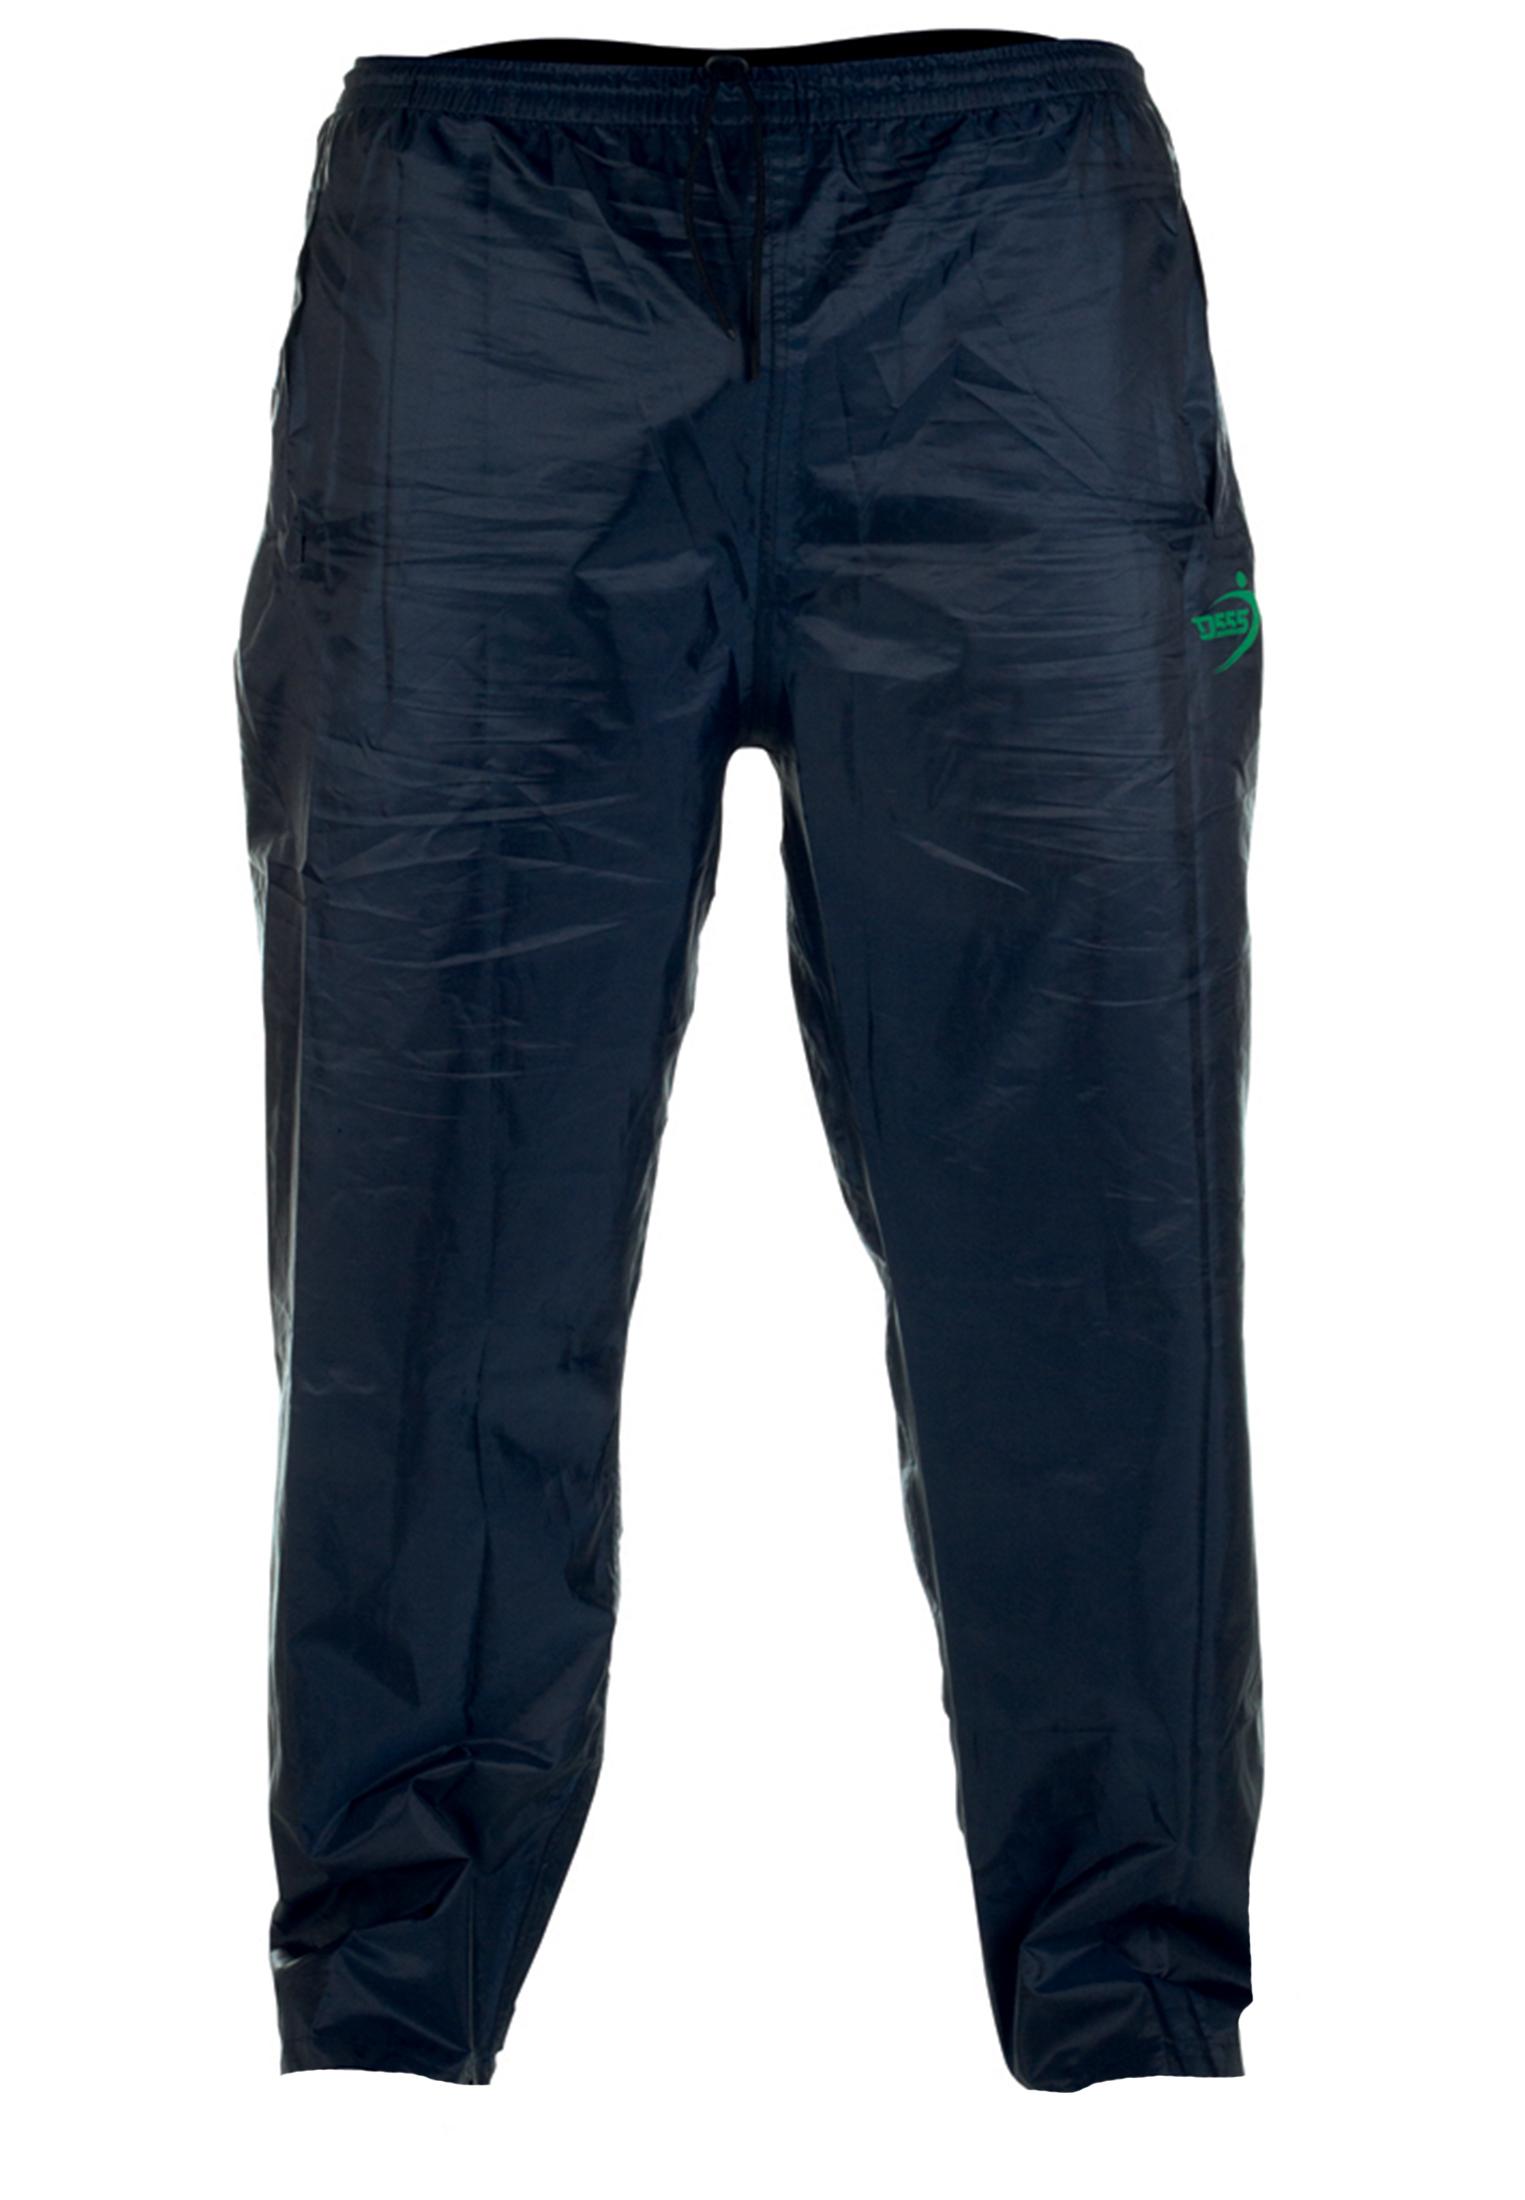 Regenbroek van D555 uitgevoerd in de kleur Navy. De broek is voorzien van 2 openingen waardoor u bij de broekzakken van uw broek kan. Ook heeft de regenbroek 2 zakken aan de achterzijde afsluitbaar met klitband. Elastiek in de tailleband en een touwtje in de taille om eventueel extra aan te snoeren. De pijpen hebben een drukker aan de onderkant. Deze regenbroek is gemaakt van een dunne stof waardoor hij makkelijk over de kleding heen te dragen is. Met handig opbergzakje op hem mee te nemen